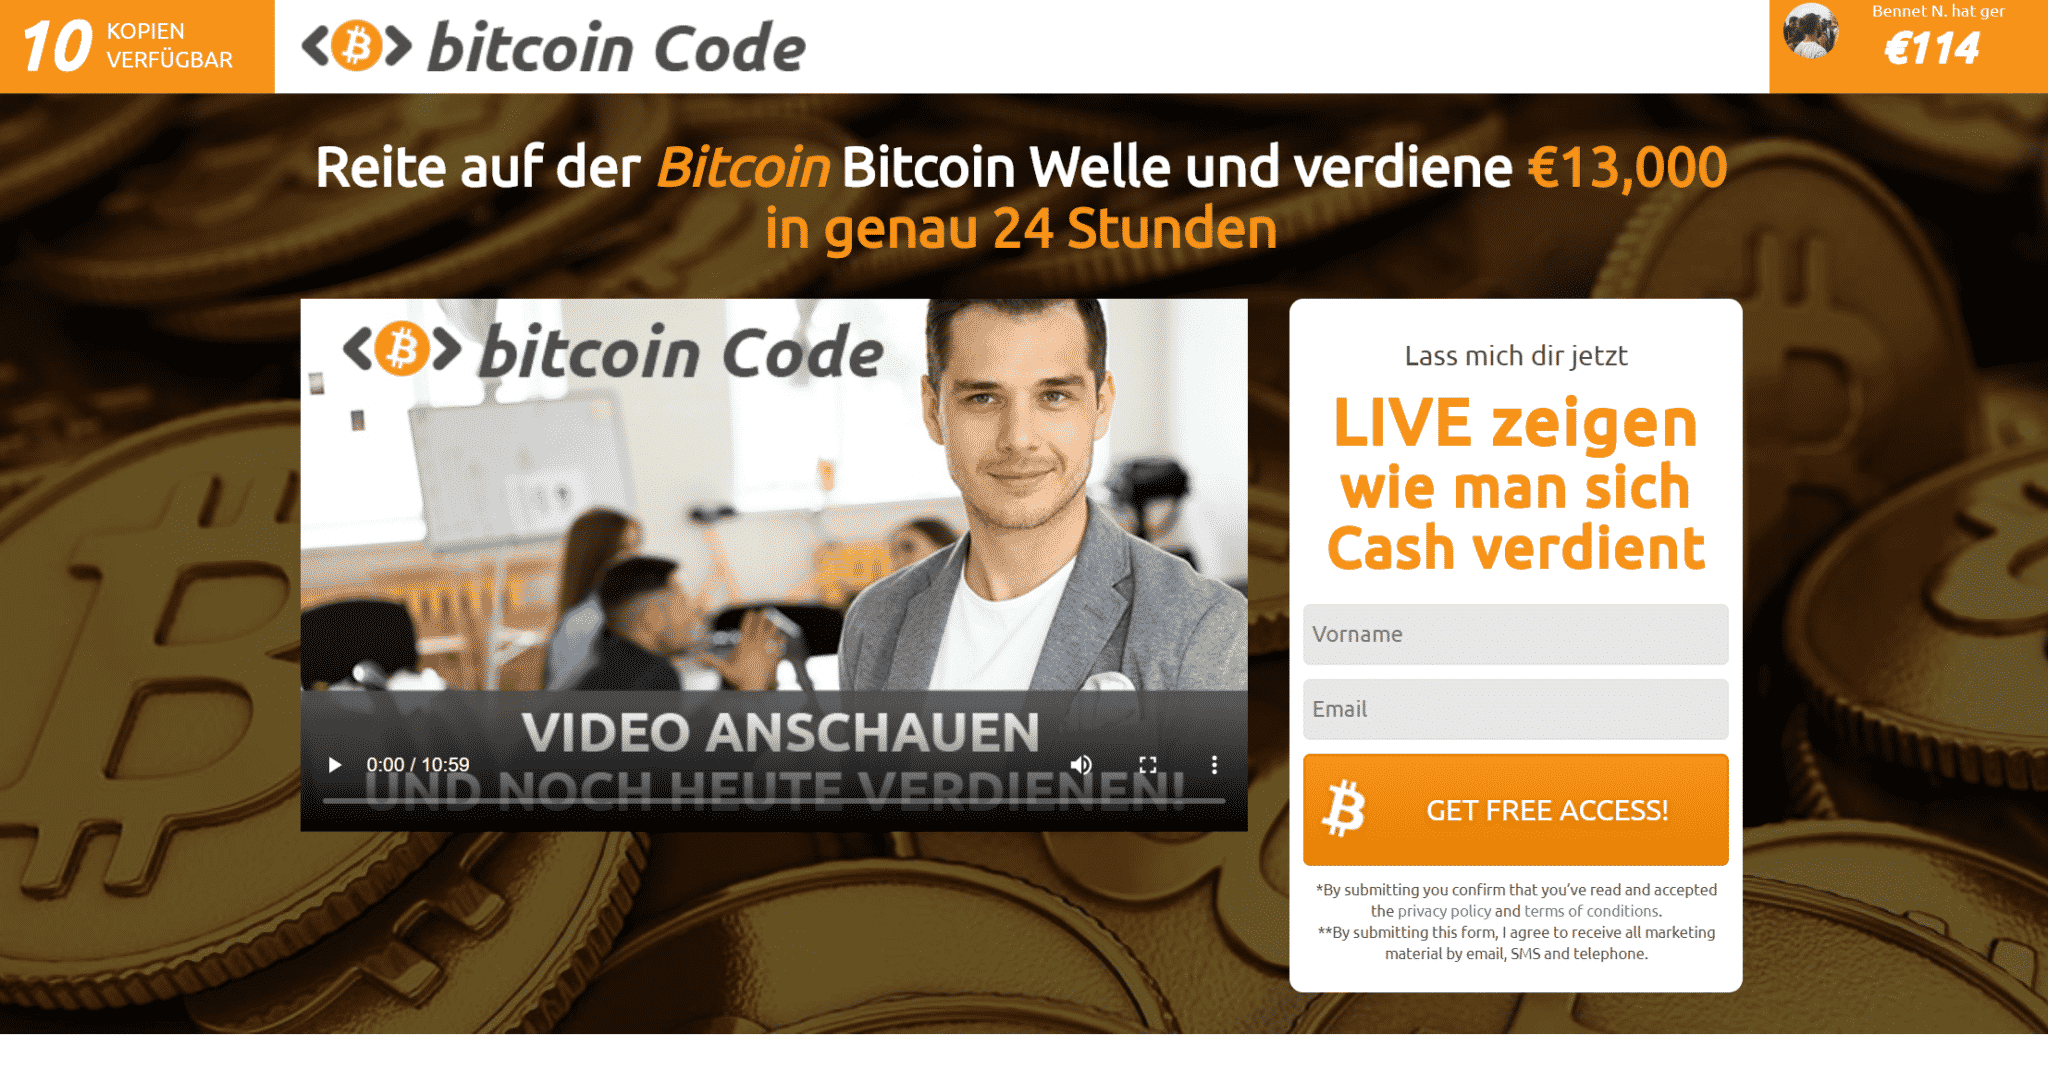 Bitcoin Code Auszahlung? Betrug, Fake & Bild Scam 2020!